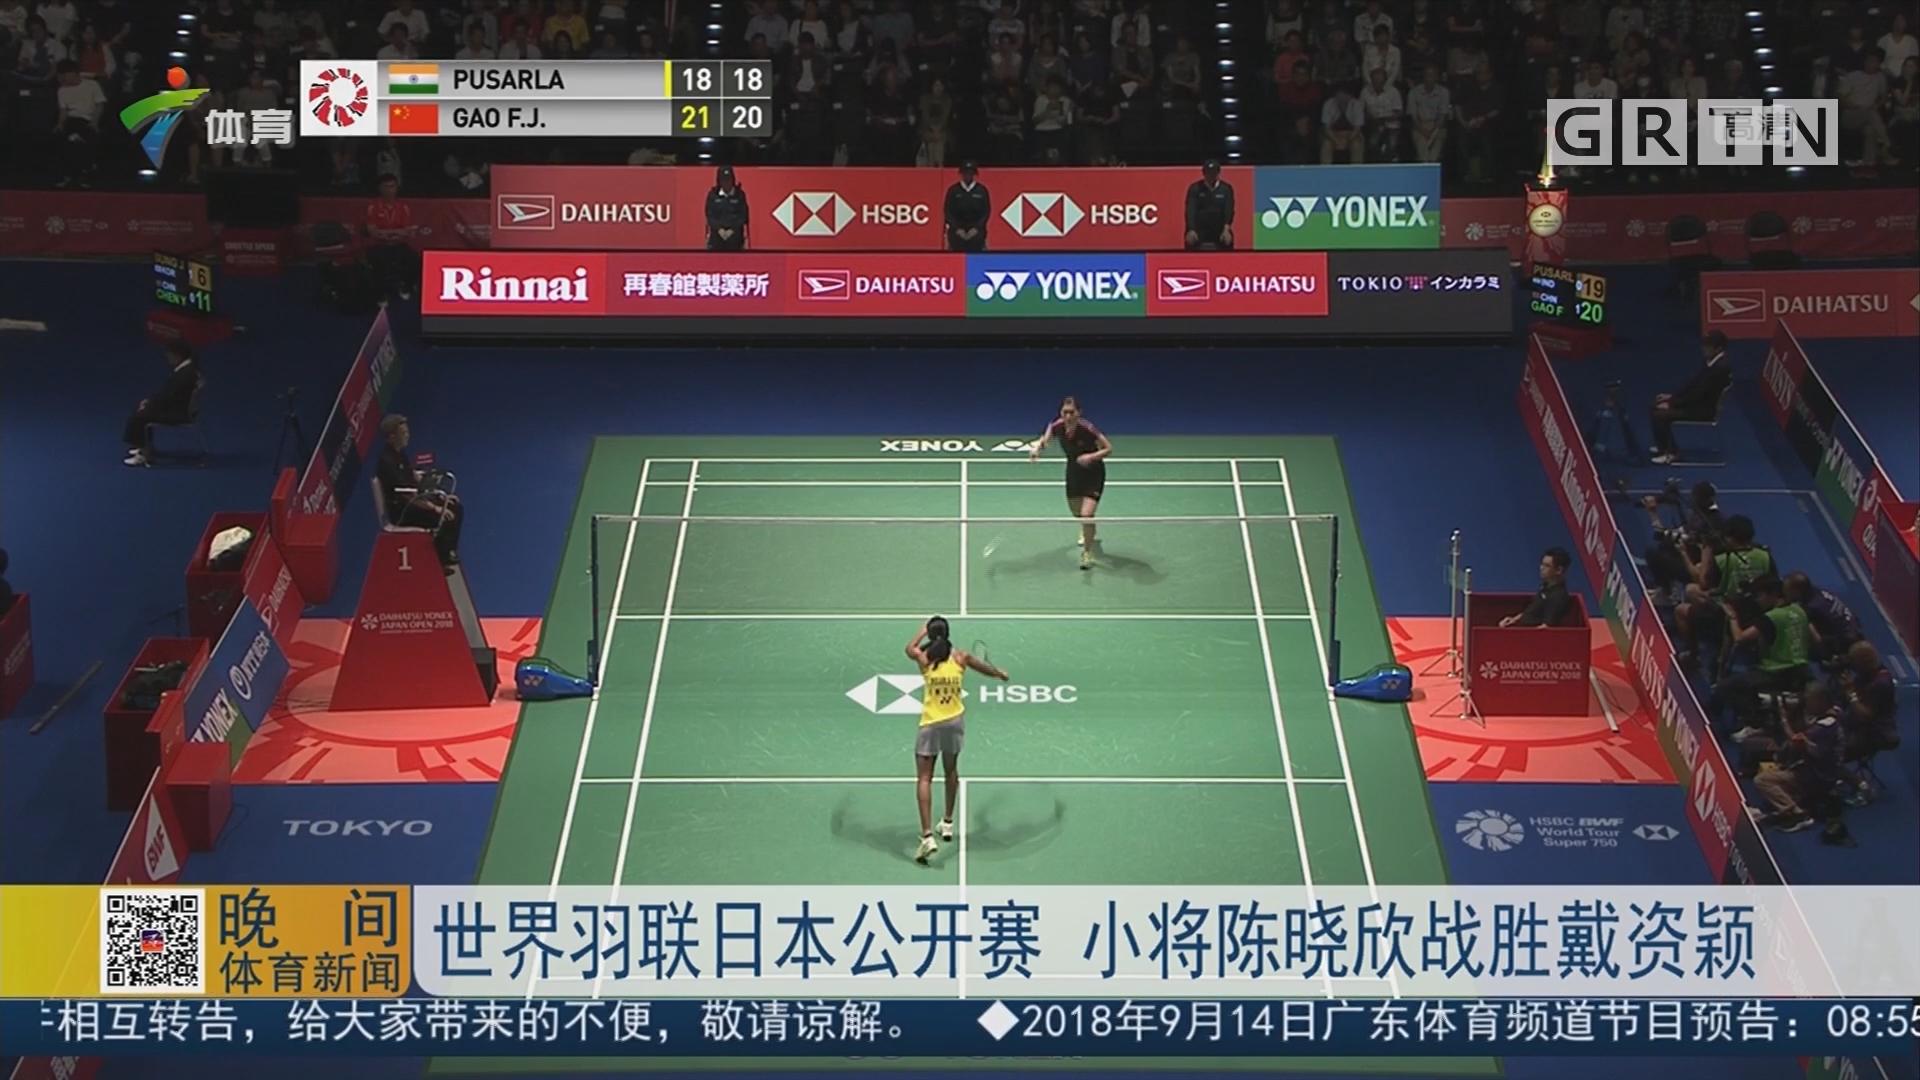 世界羽联日本公开赛 小将陈晓欣战胜戴资颖